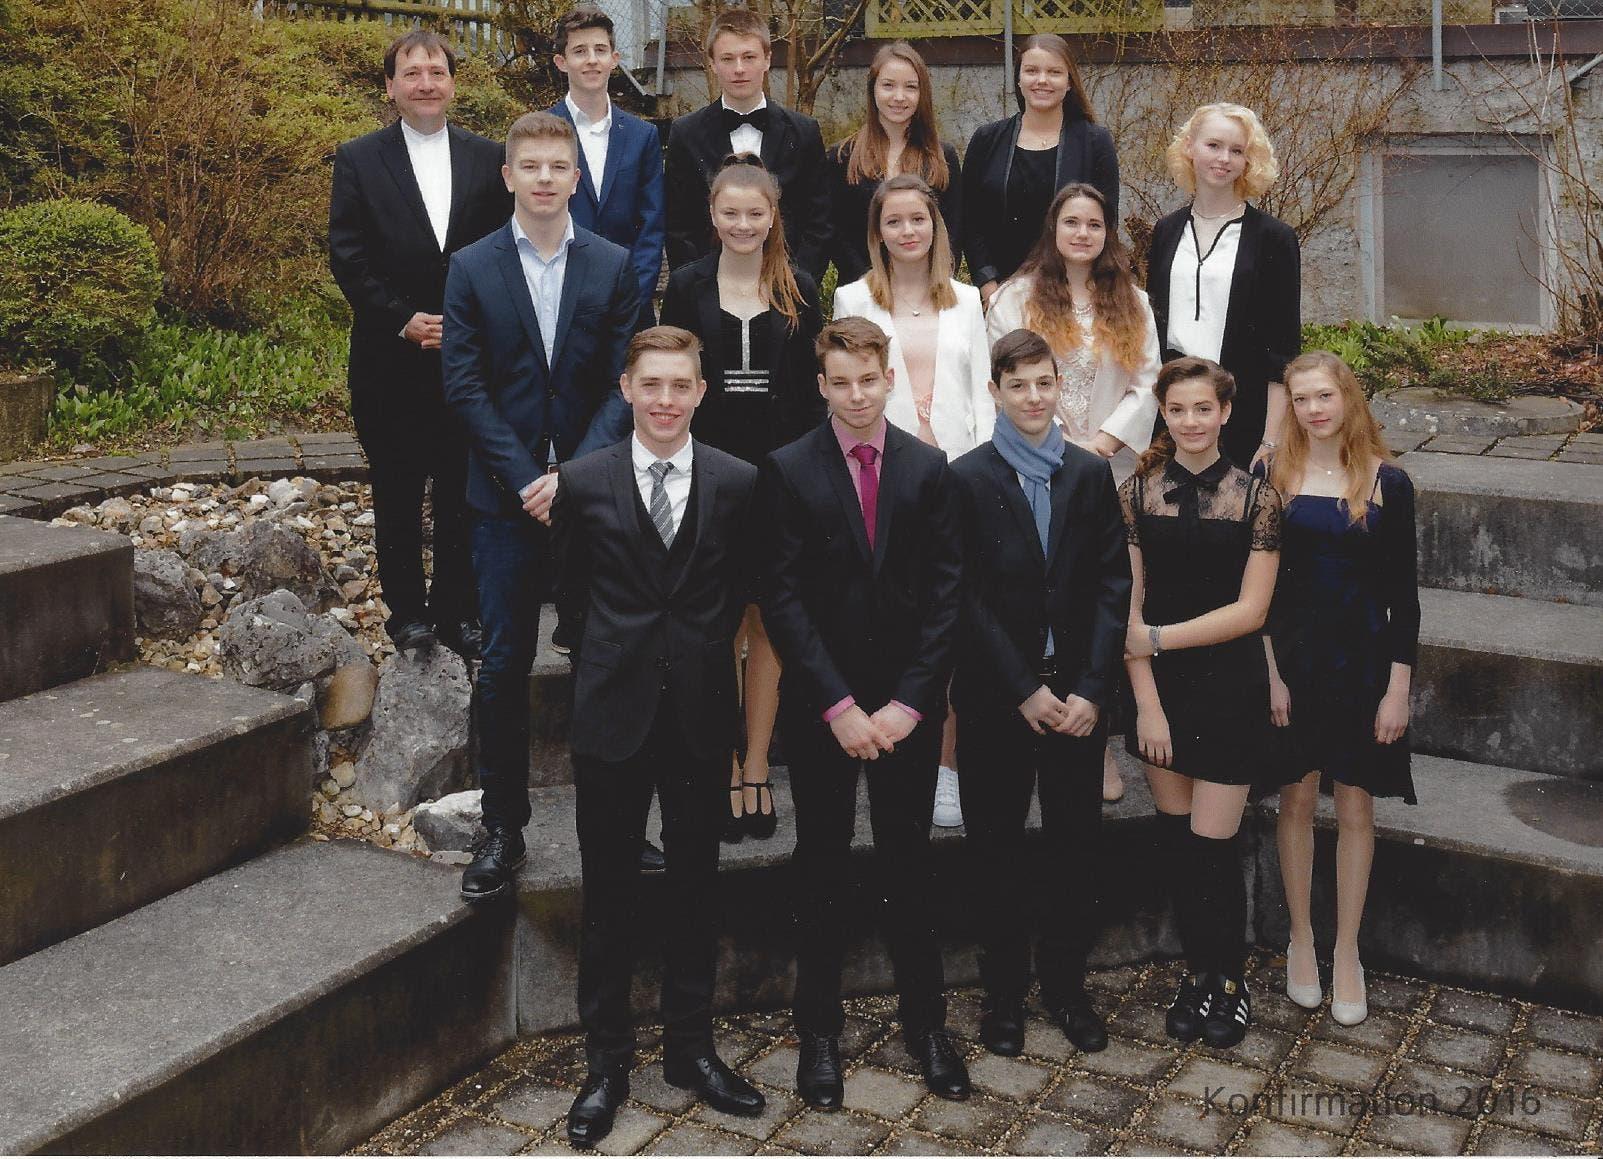 Magdener Konfirmandinnen und Konfirmanden Ihre Konfirmation fand am 6. März in Rheinfelden statt.